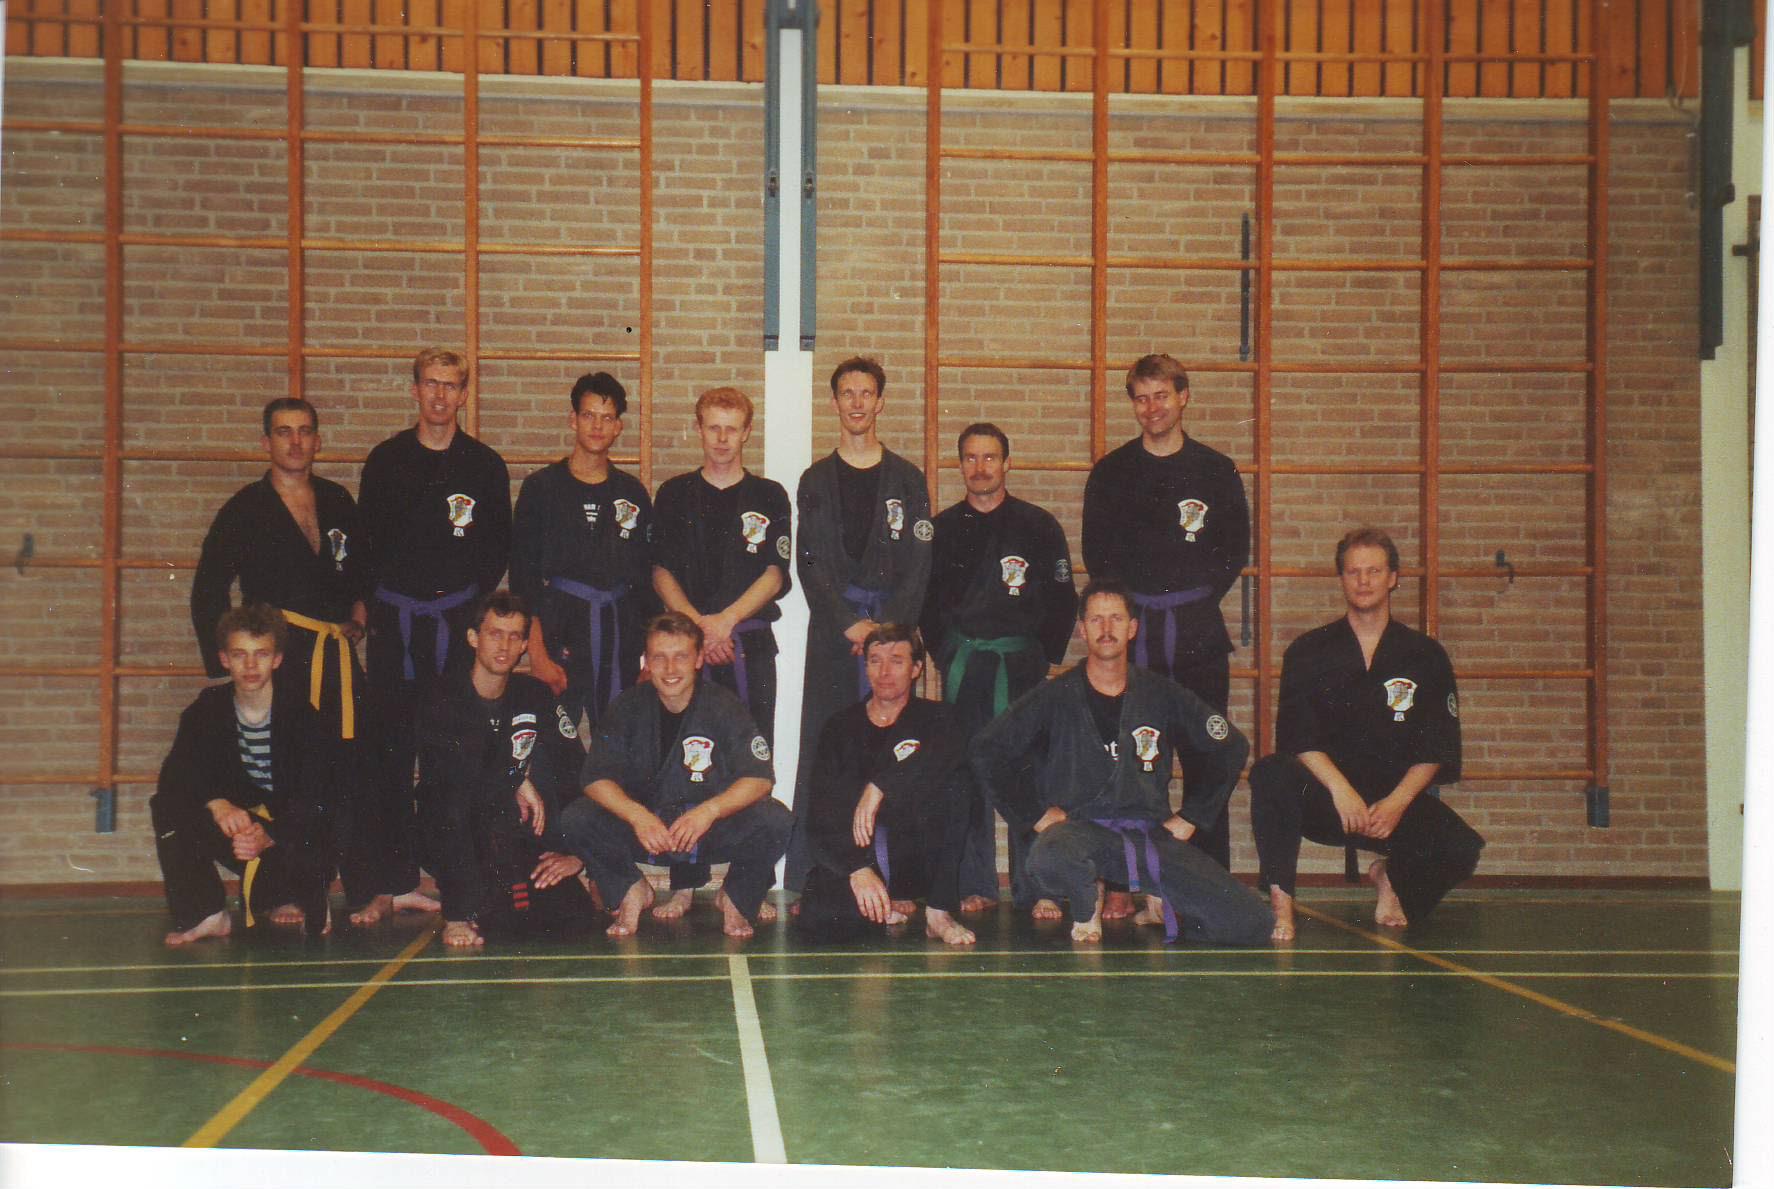 1994-1995 groepsfoto IJsselstein